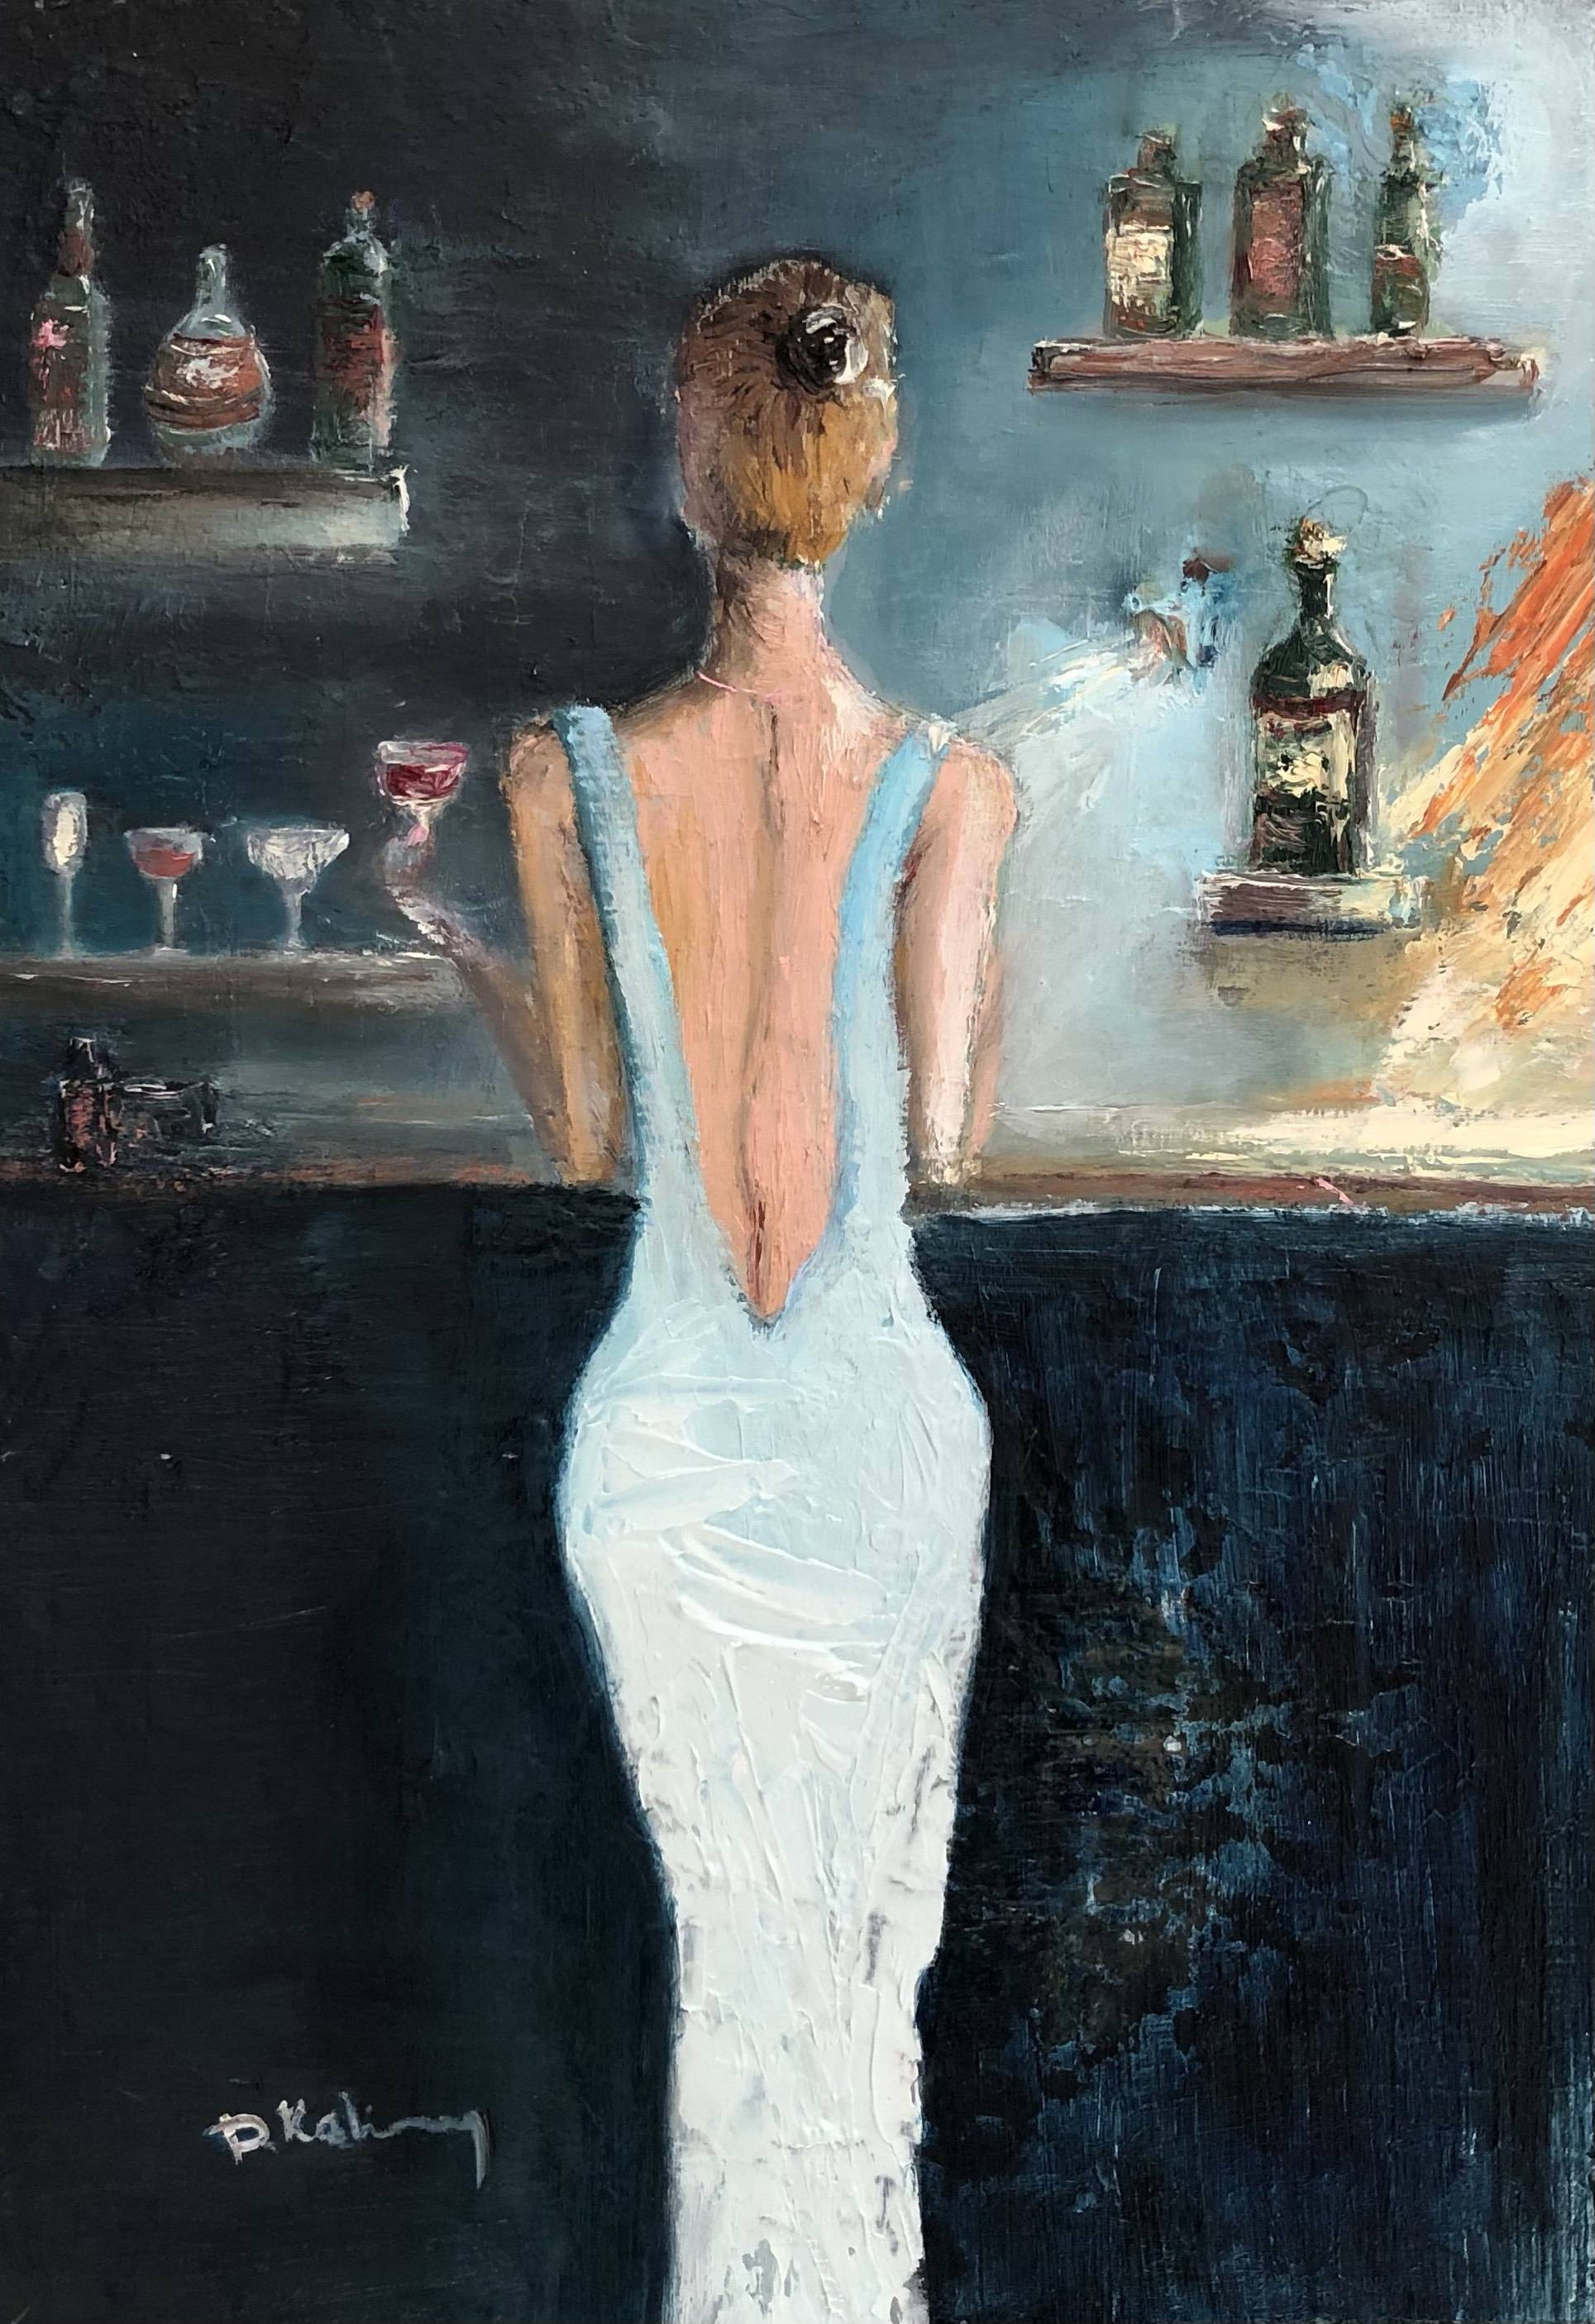 Woman at the bar counter Bild Ihres Kunstwerks an der Wand